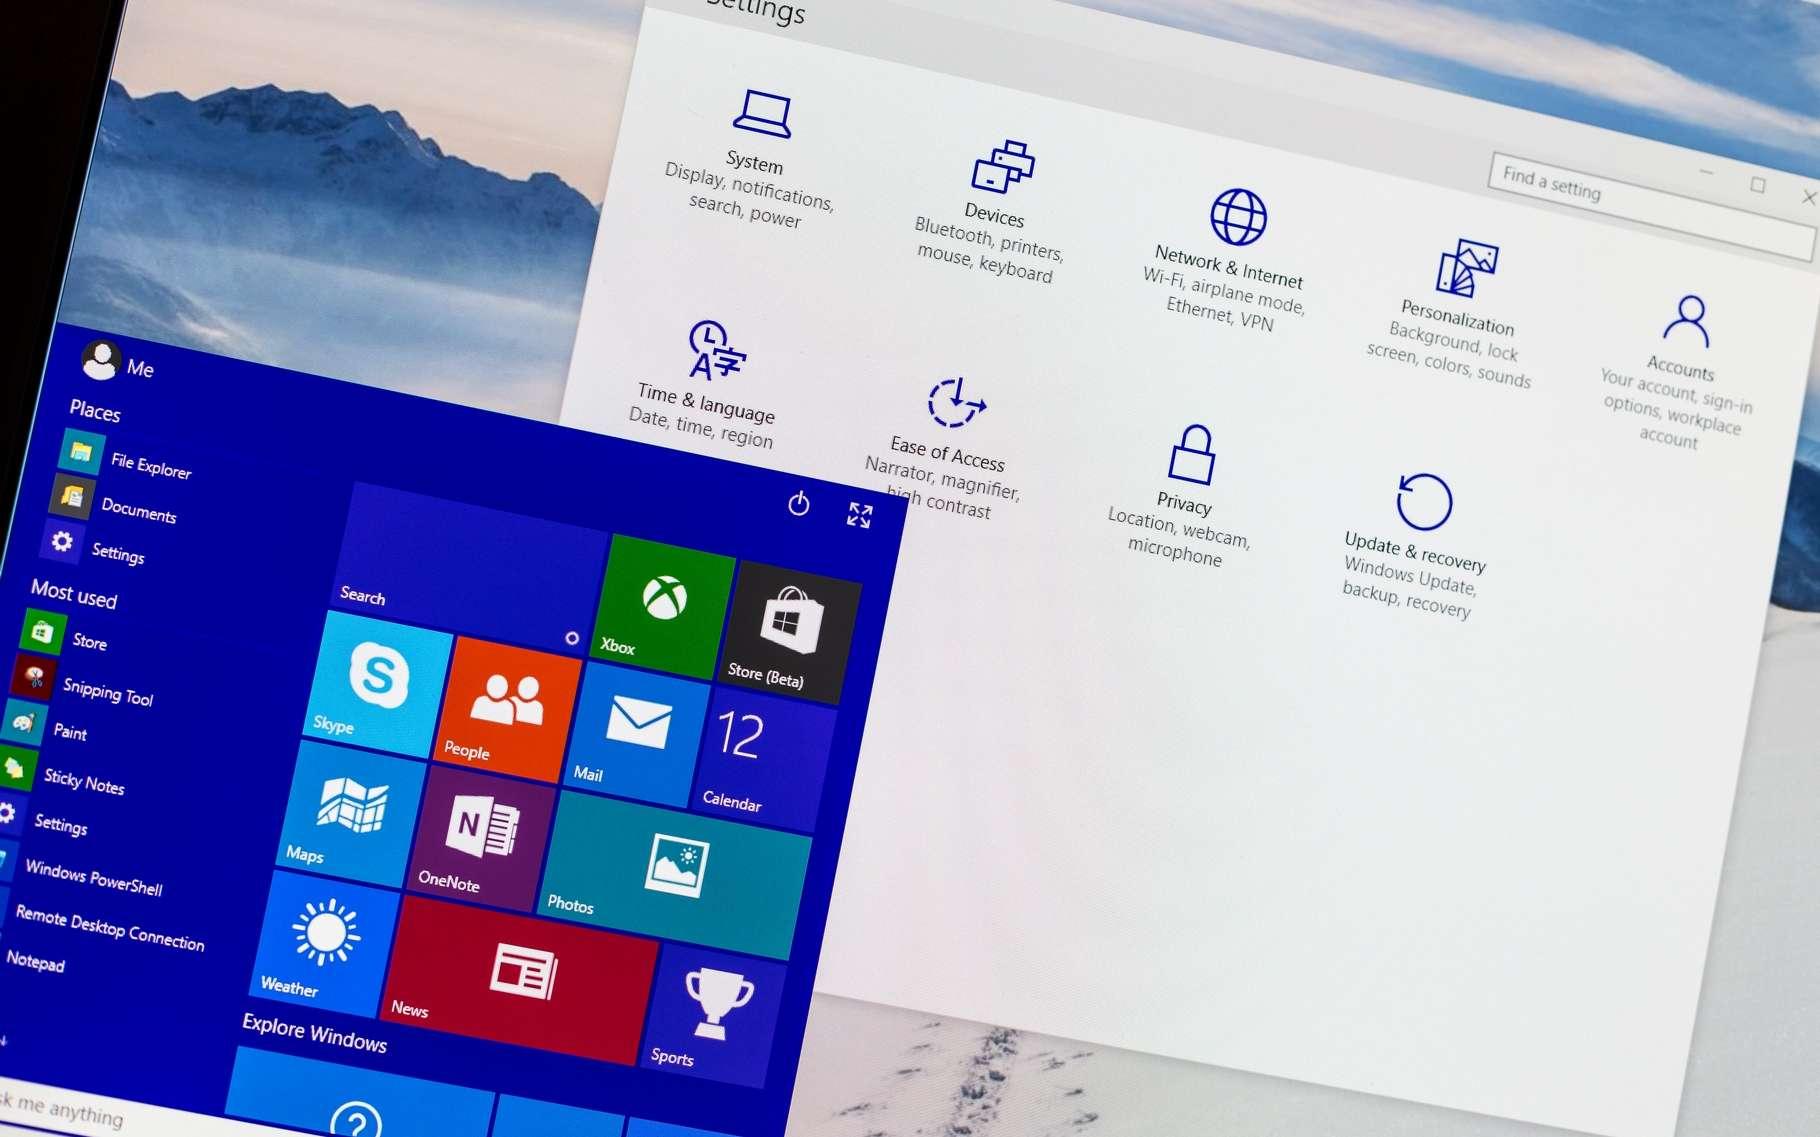 Changer régulièrement son mot de passe Windows relève d'une prudence élémentaire. © RoSonic, Shutterstock